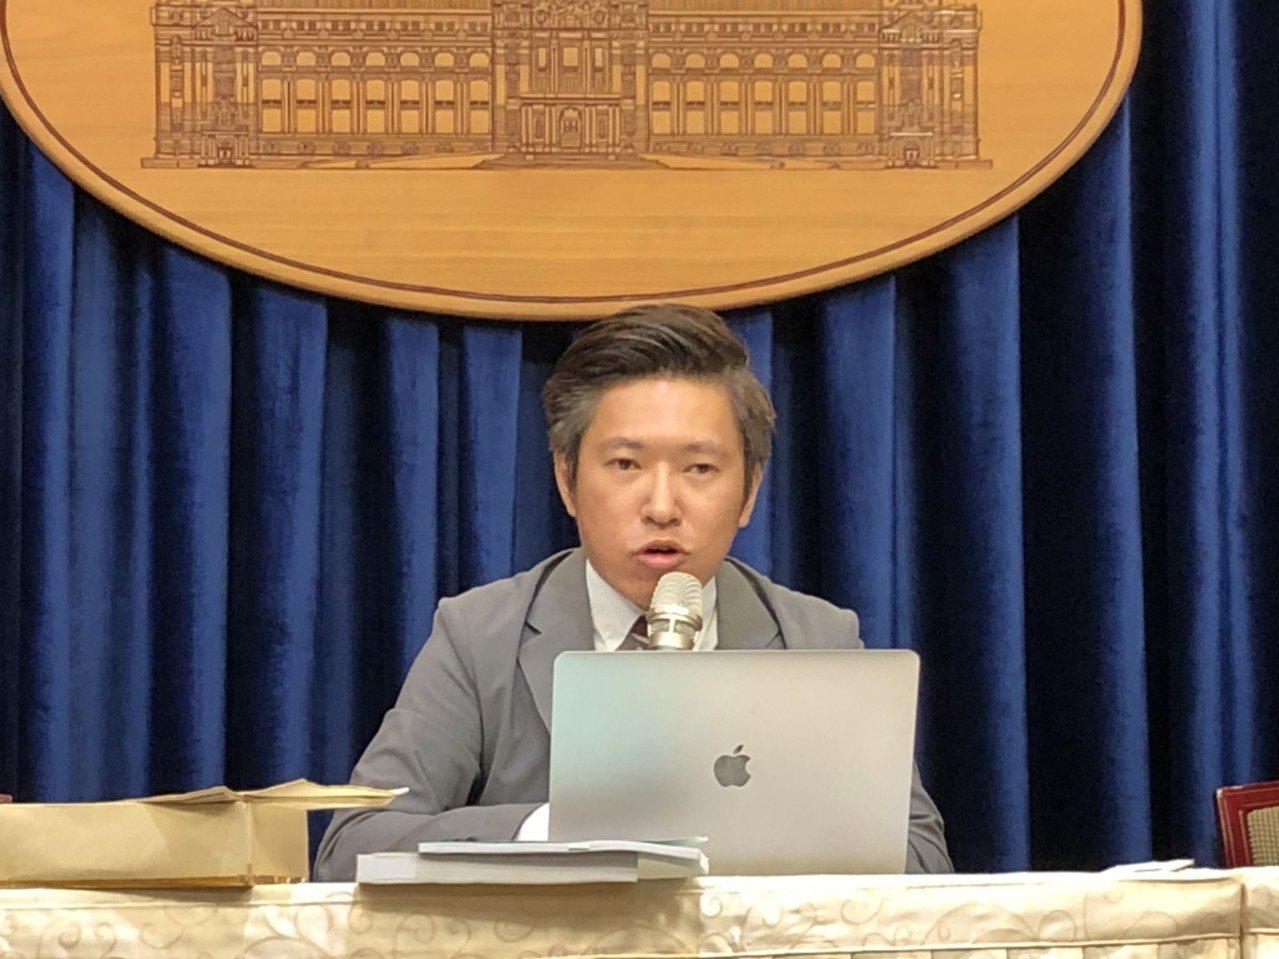 总统府发言人张惇涵。记者潘姣琪/摄影